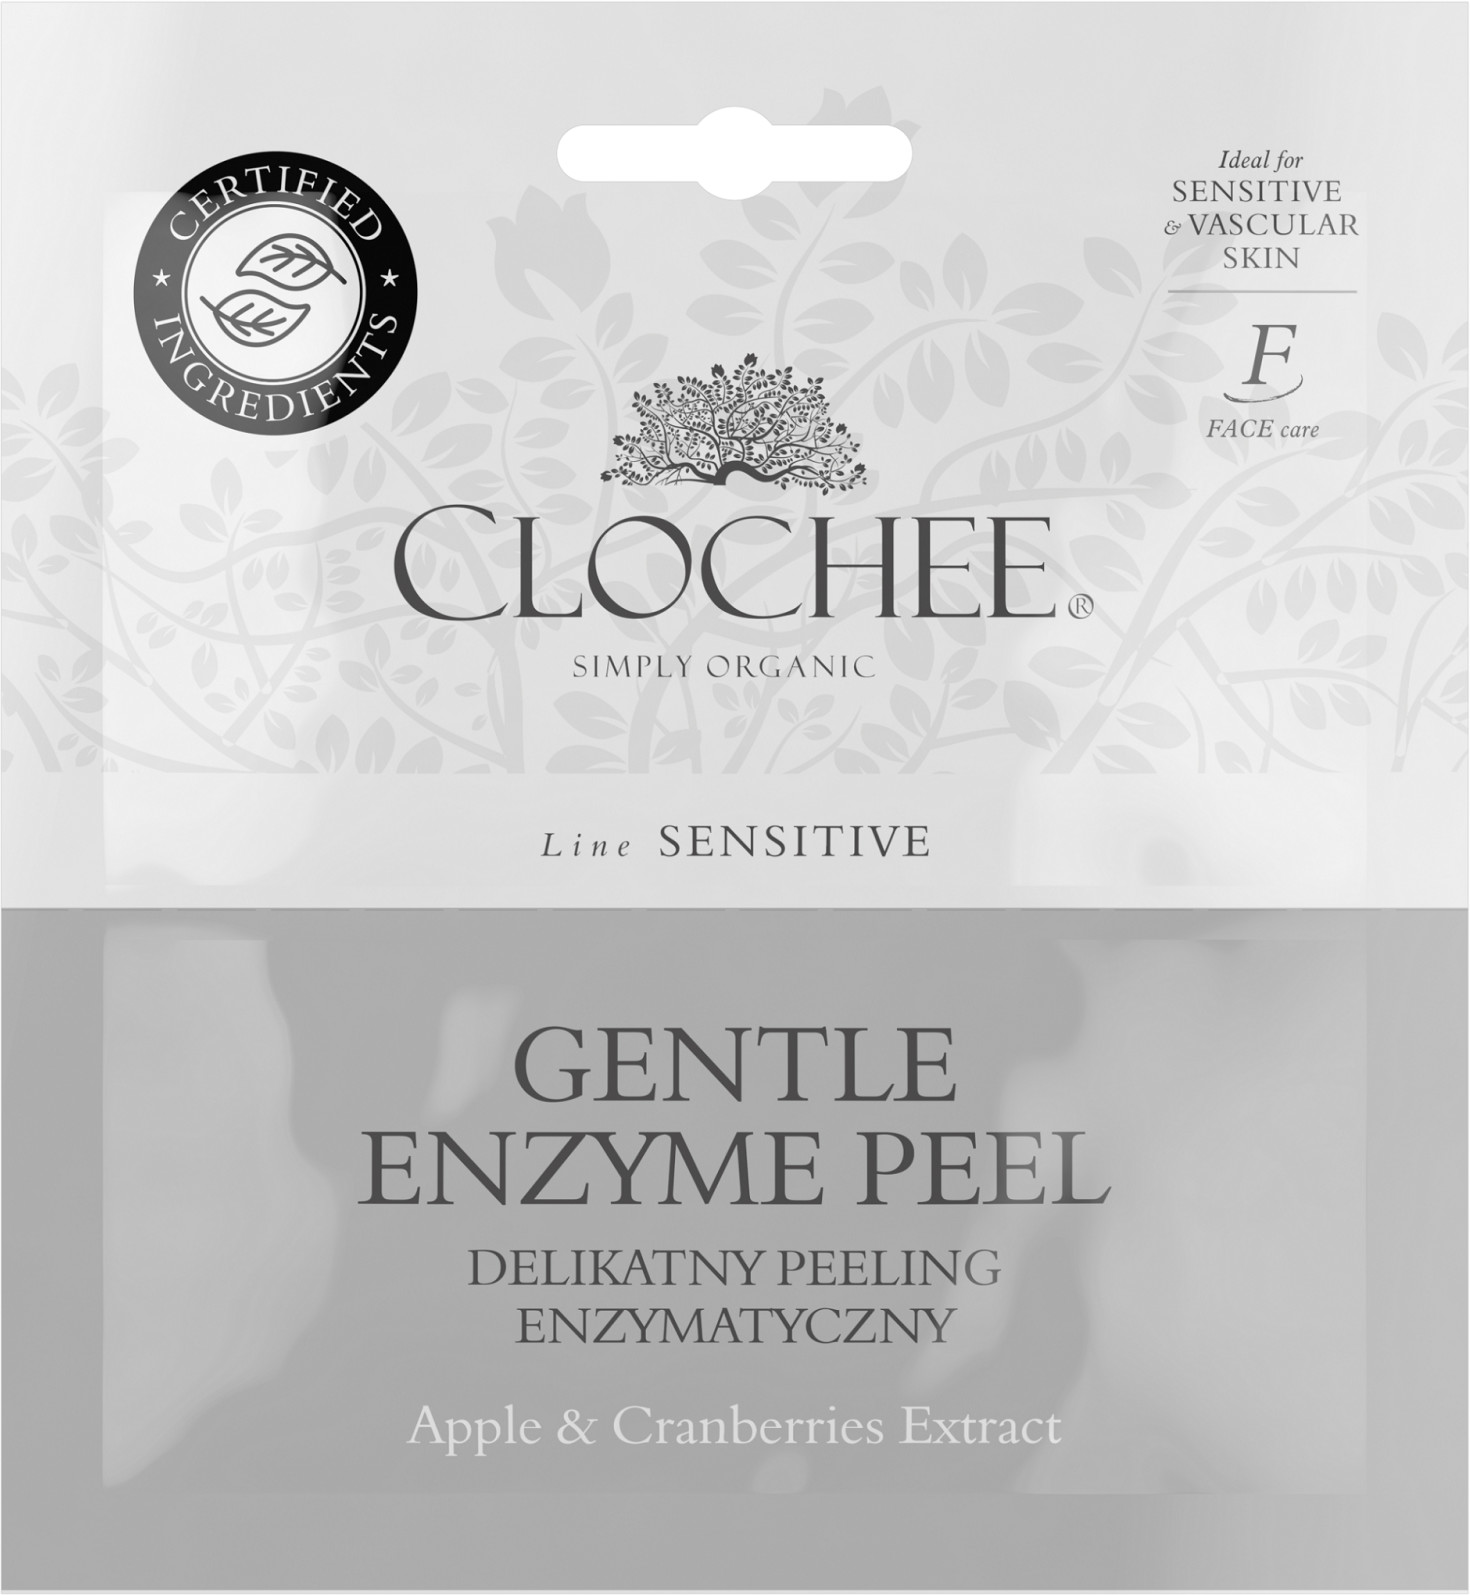 Clochee Delikatny peeling enzymatyczny - 2x6 ml -